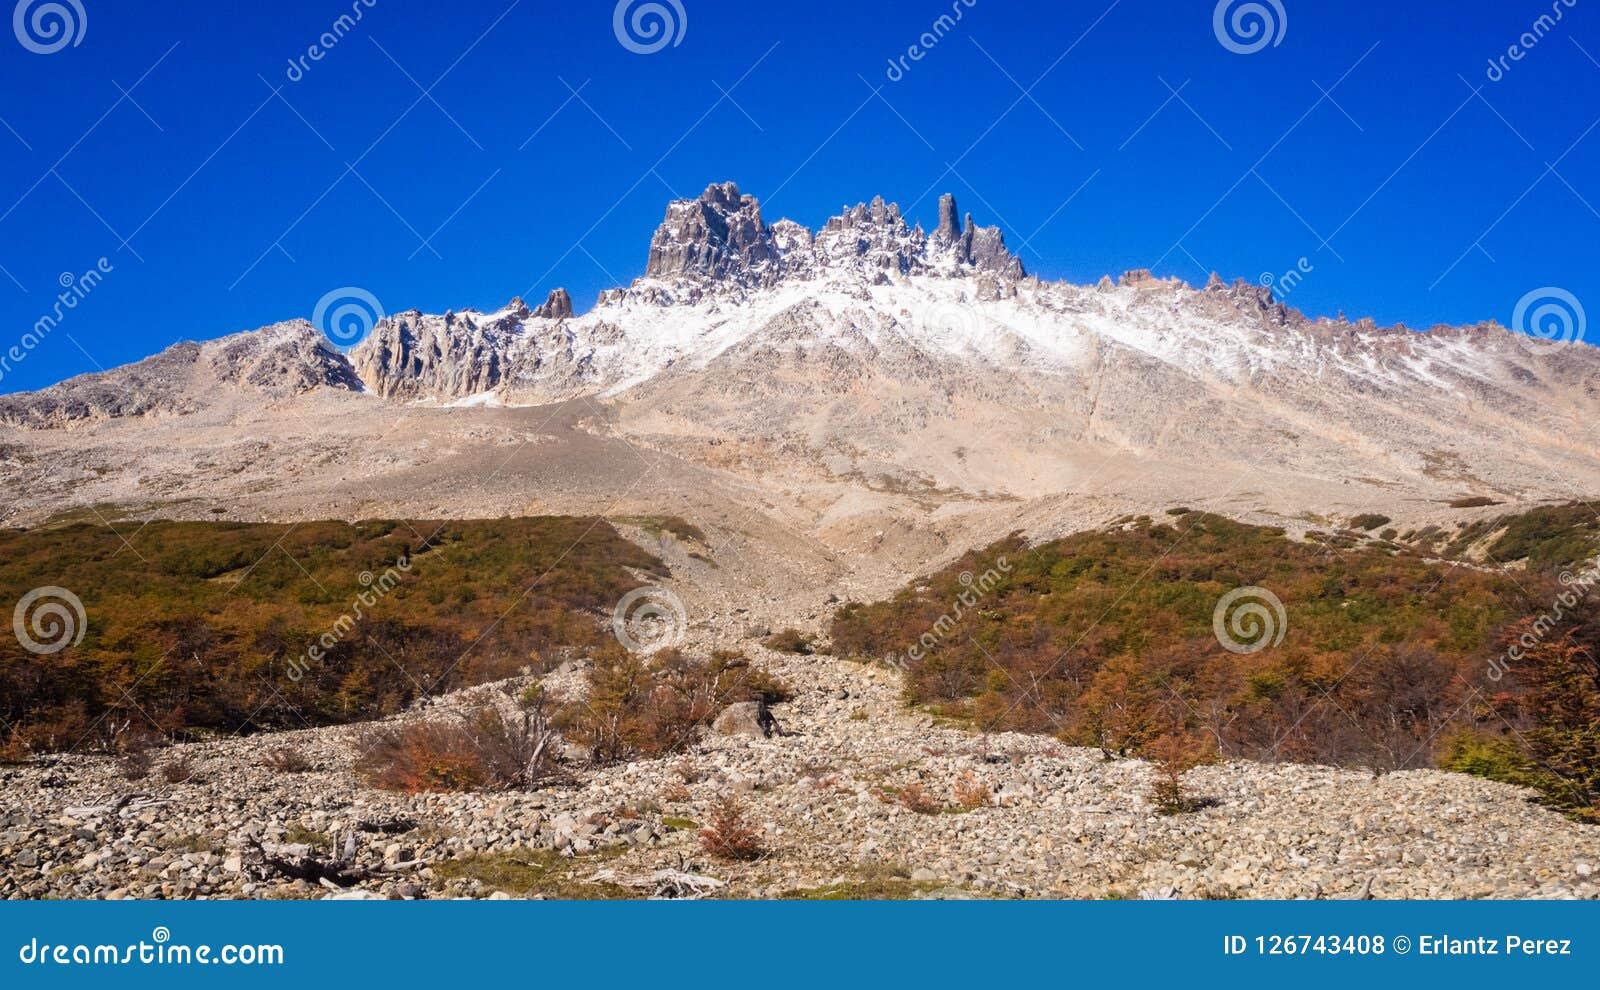 Ansicht von Cerro Castillo in Carretera austral im Paprika - Patagonia